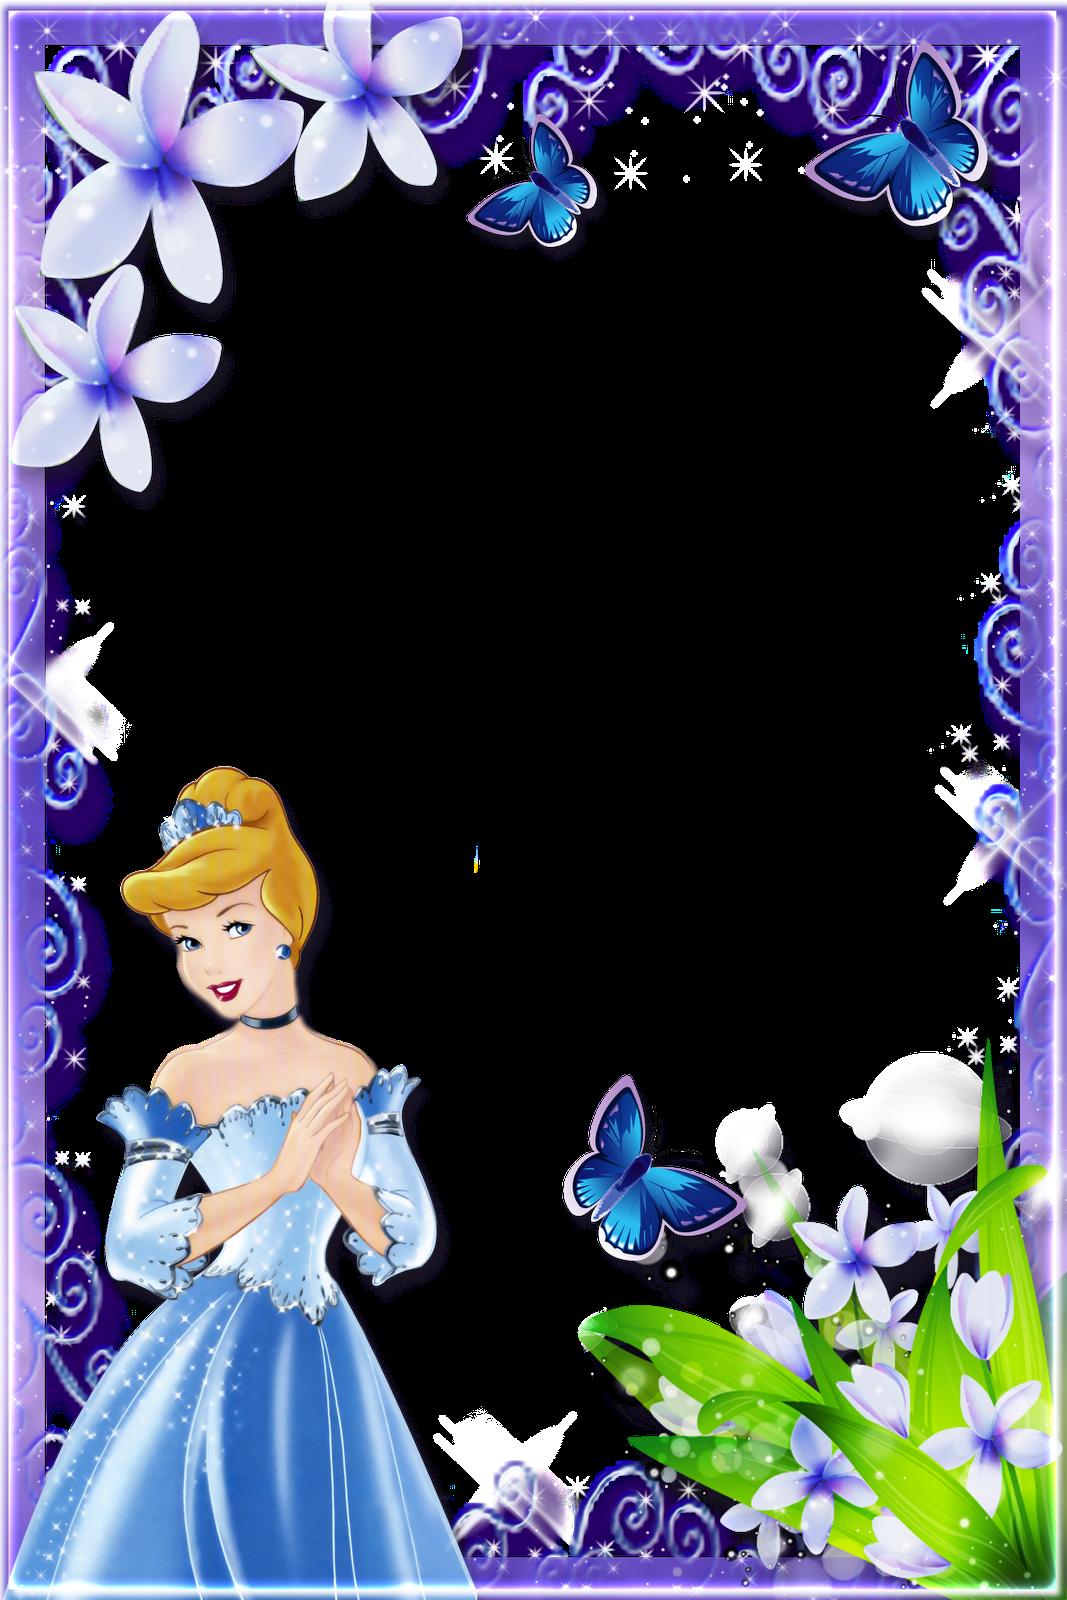 Frames Png Princesas Disney 7 Imagens Para Photoshop